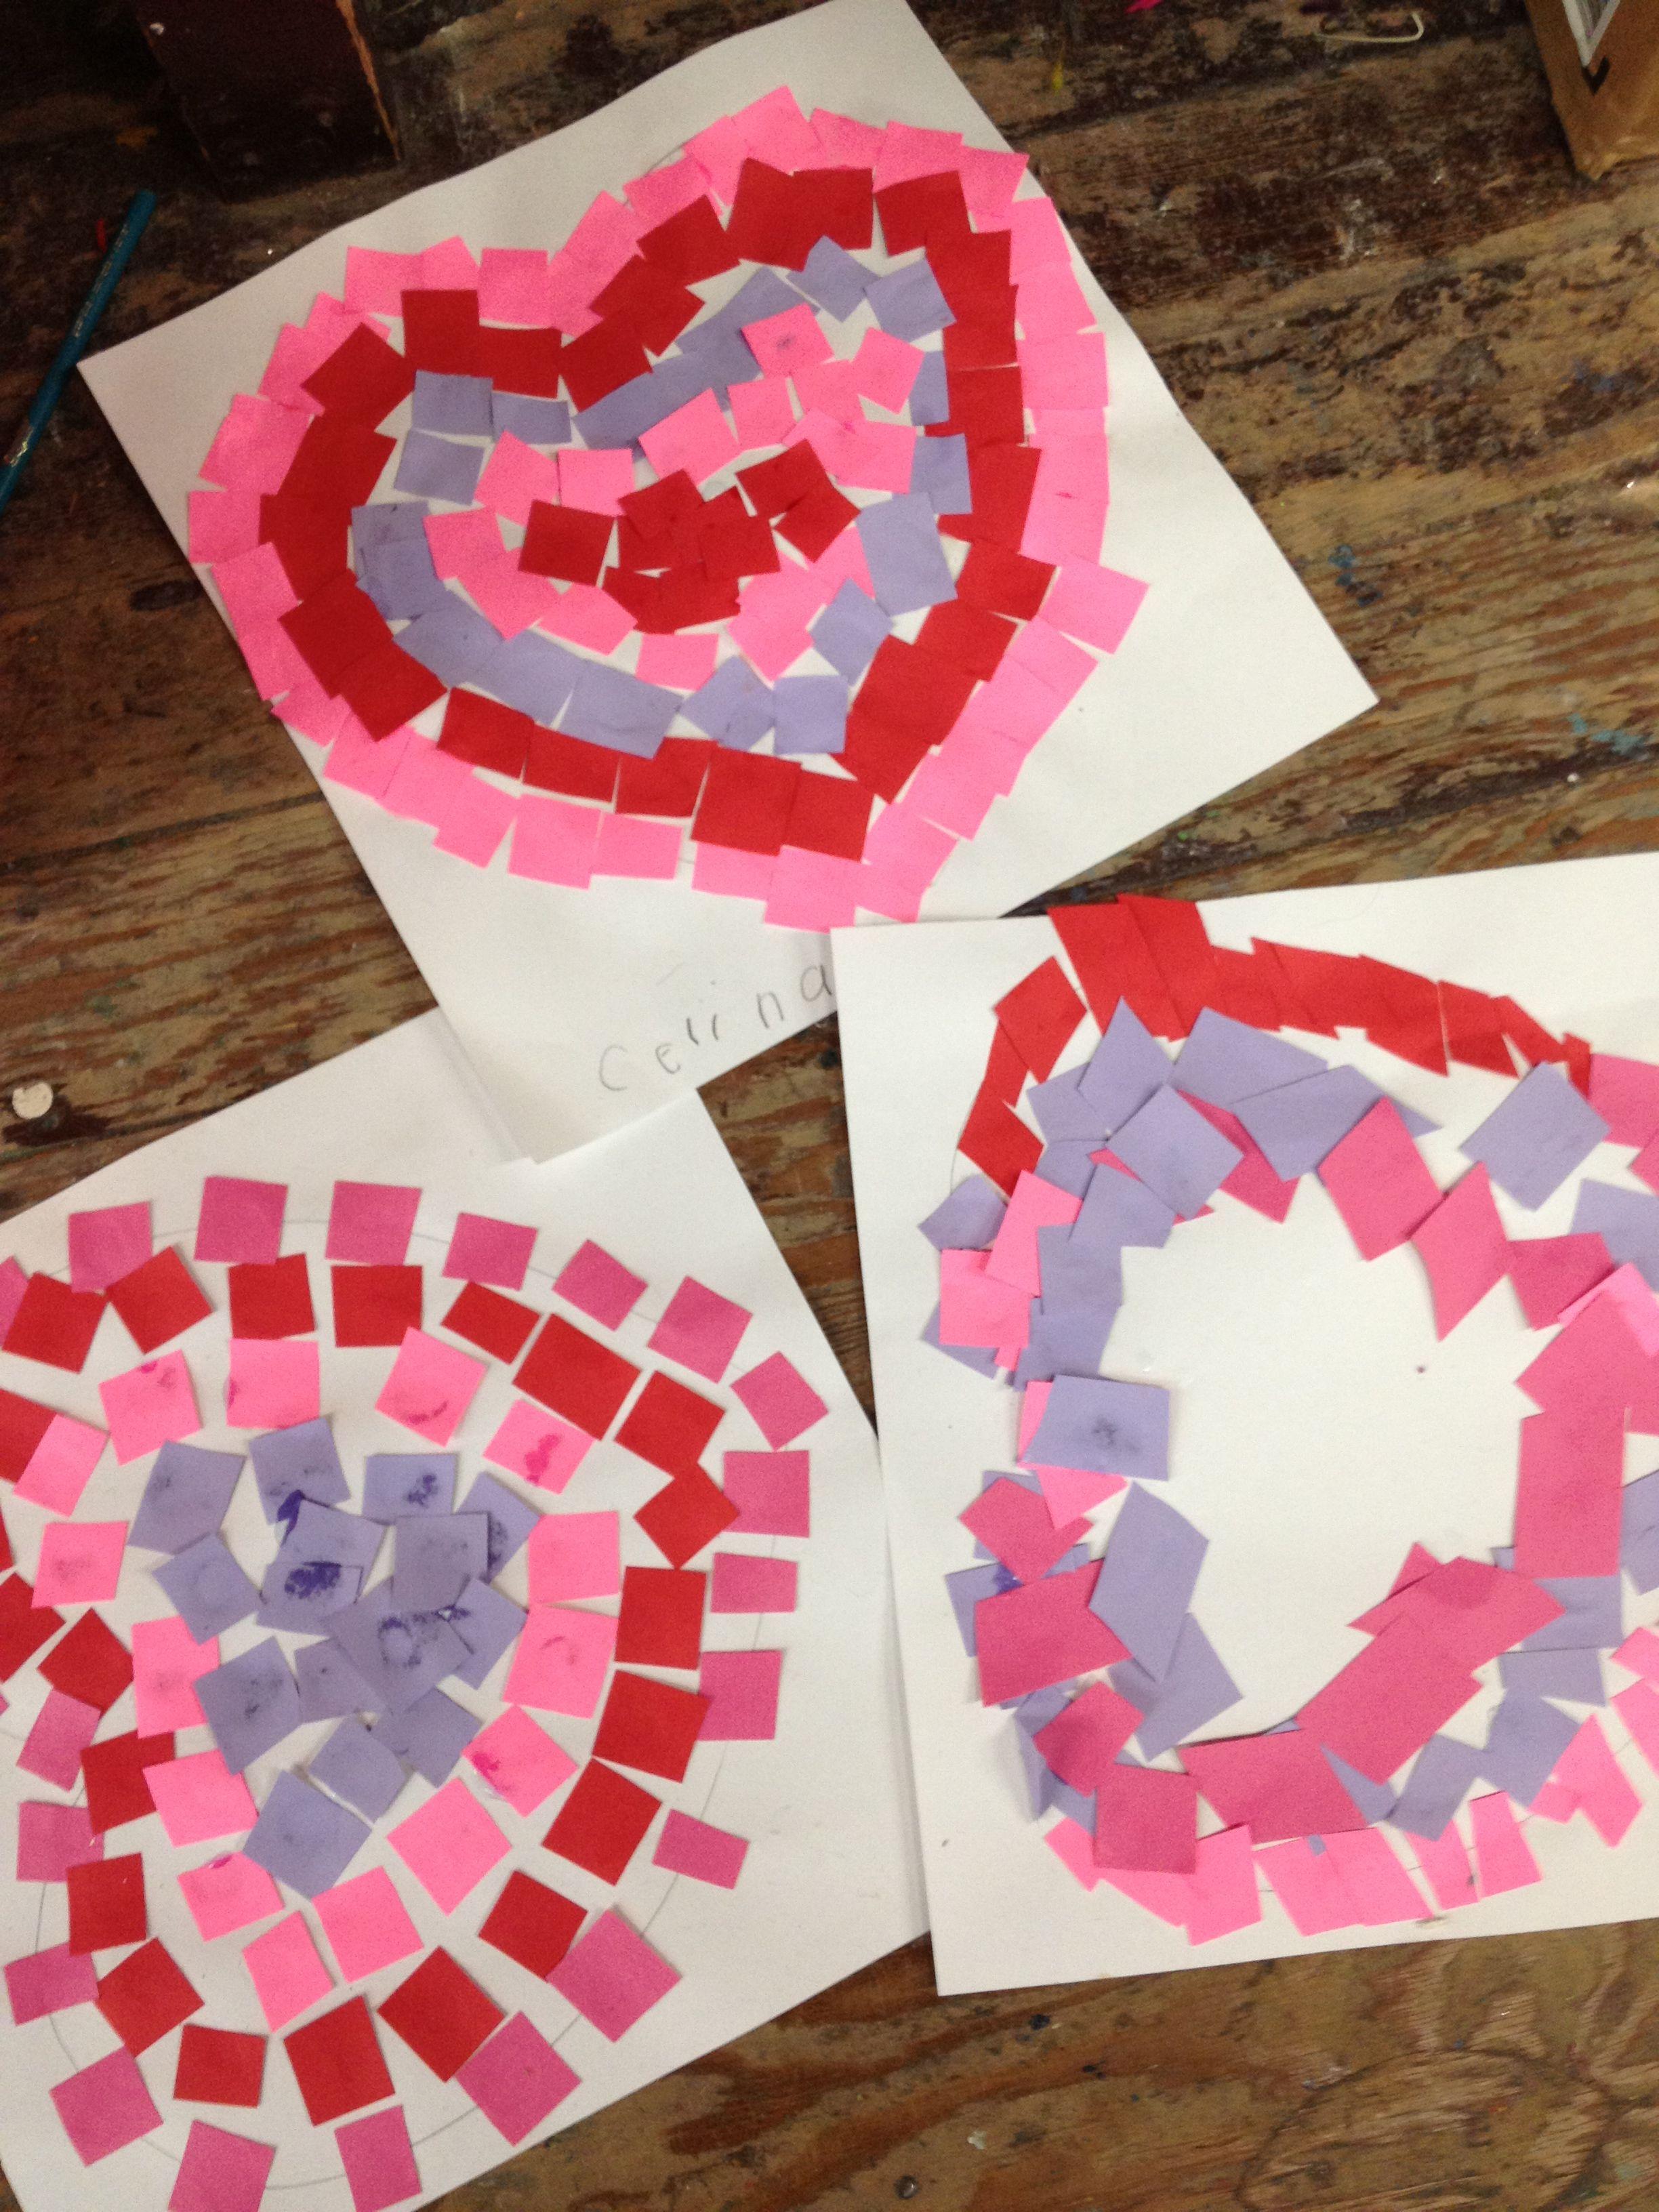 Mosaic Valentine Designs By Kindergarten